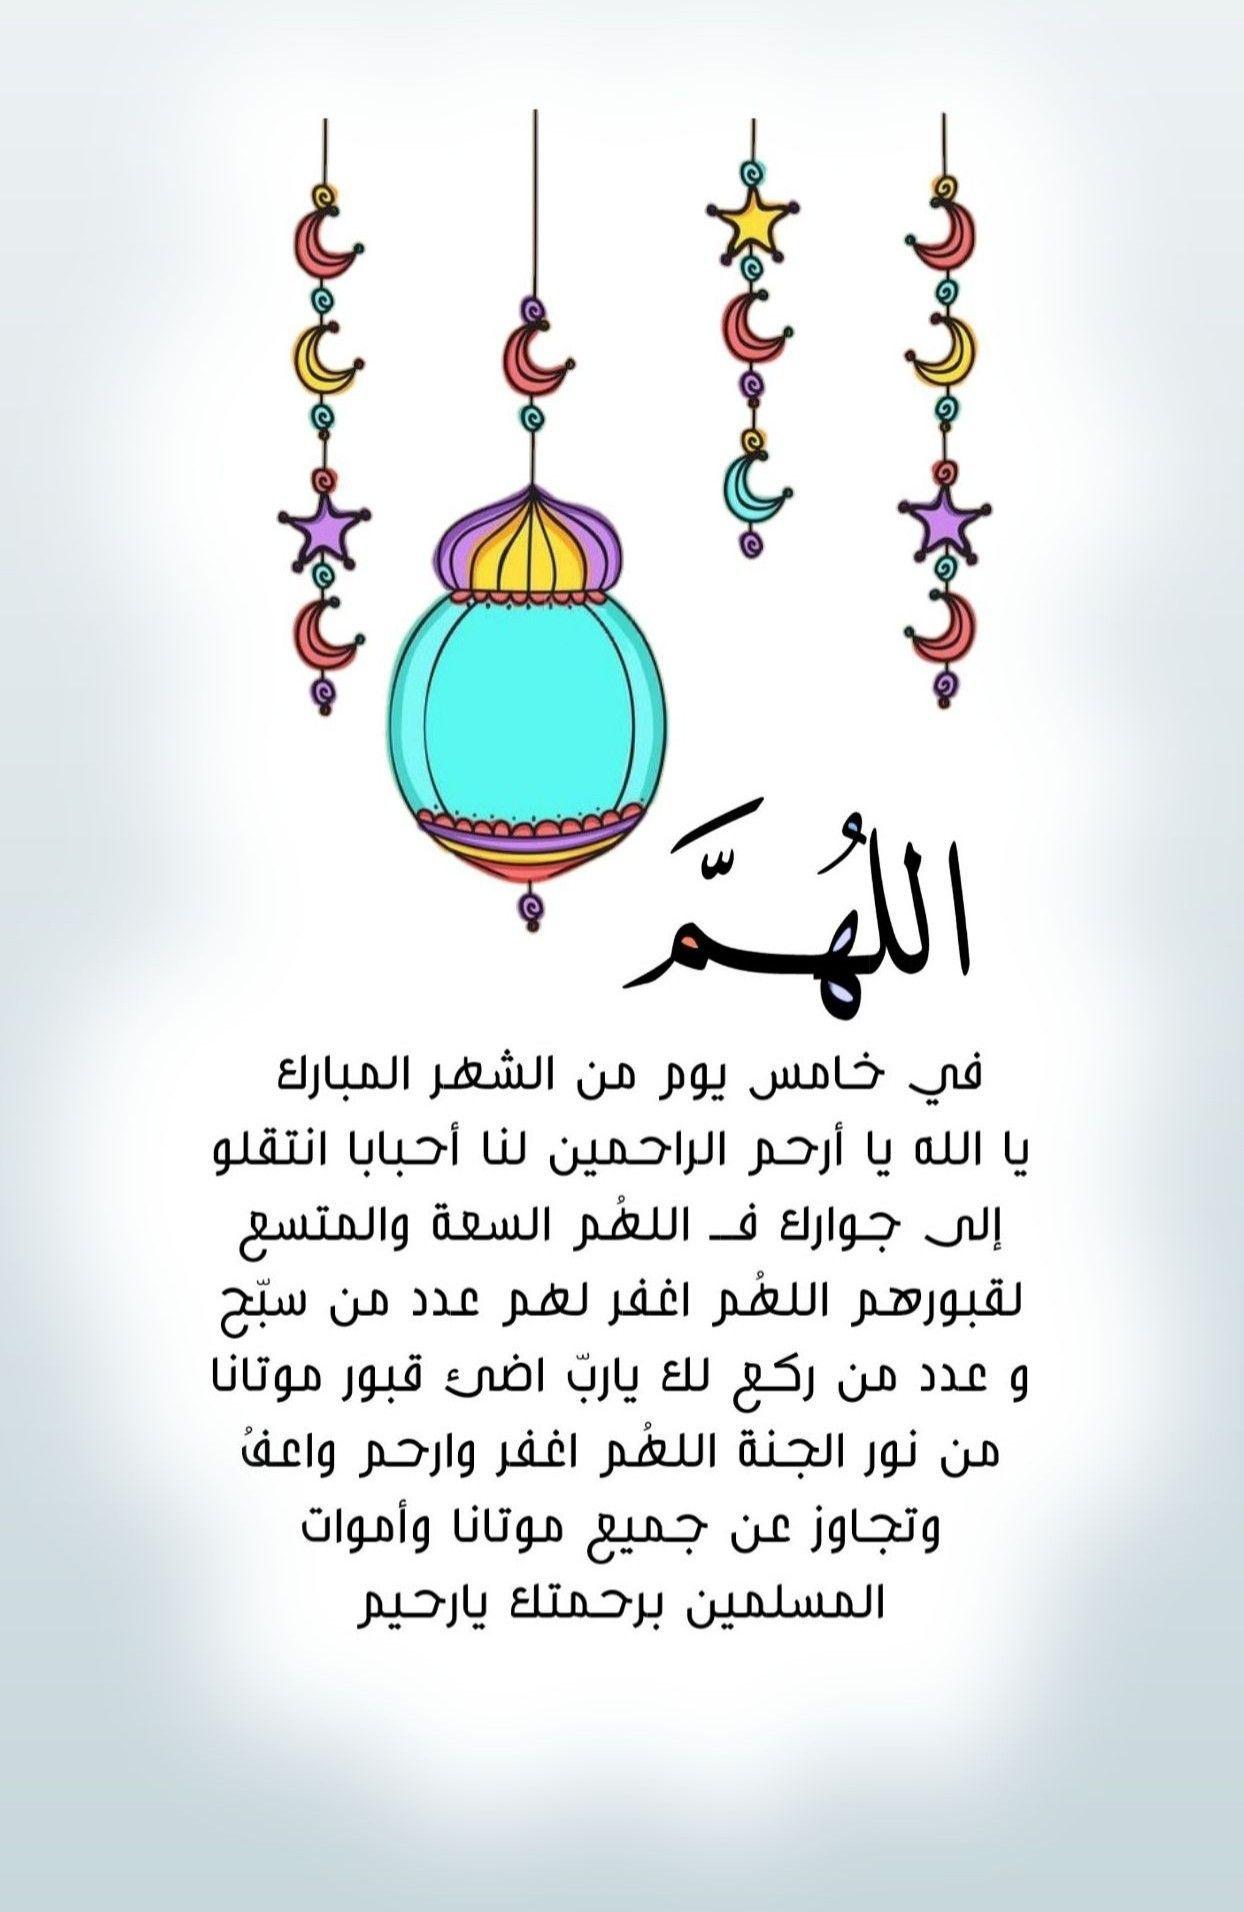 Pin By صورة و كلمة On رمضان كريم Ramadan Kareem Ramadan Crafts Ramadan Kareem Ramadan